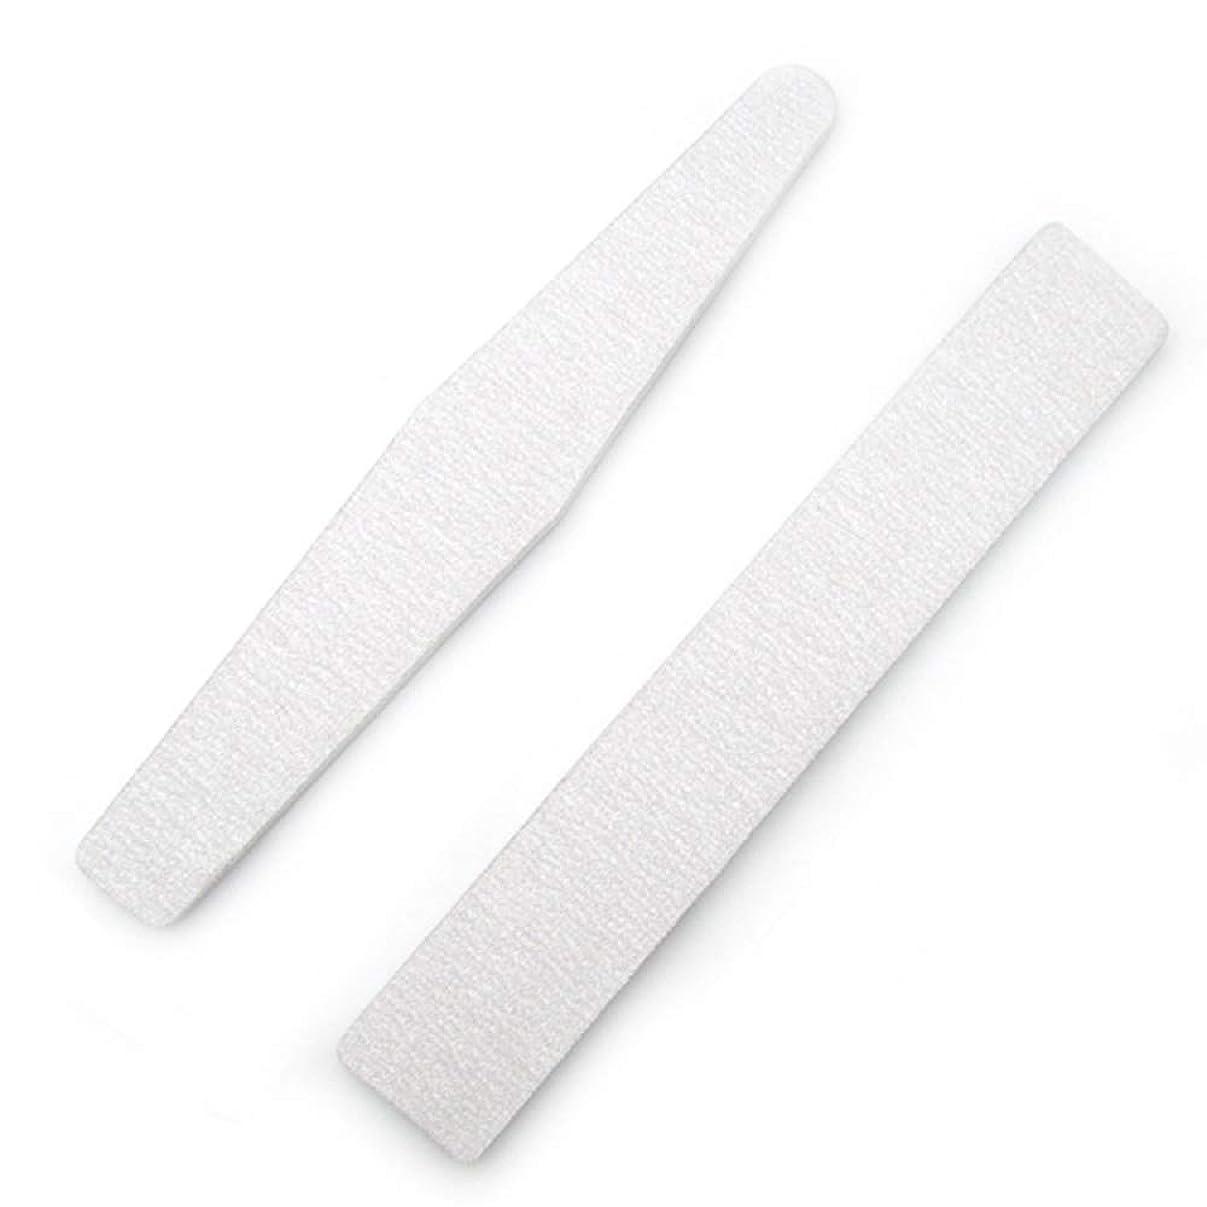 免疫するよりデッドジェルネイルファイル 爪磨き 爪やすり ネイルポリッシュファイル 高品質ネイルやすり スポンジファイル ネイルをつやつやに シンプルで使いやすい 男女兼用 新年の贈り物 両面使える ネイルポリッシュファイル(2枚セット) (1set)